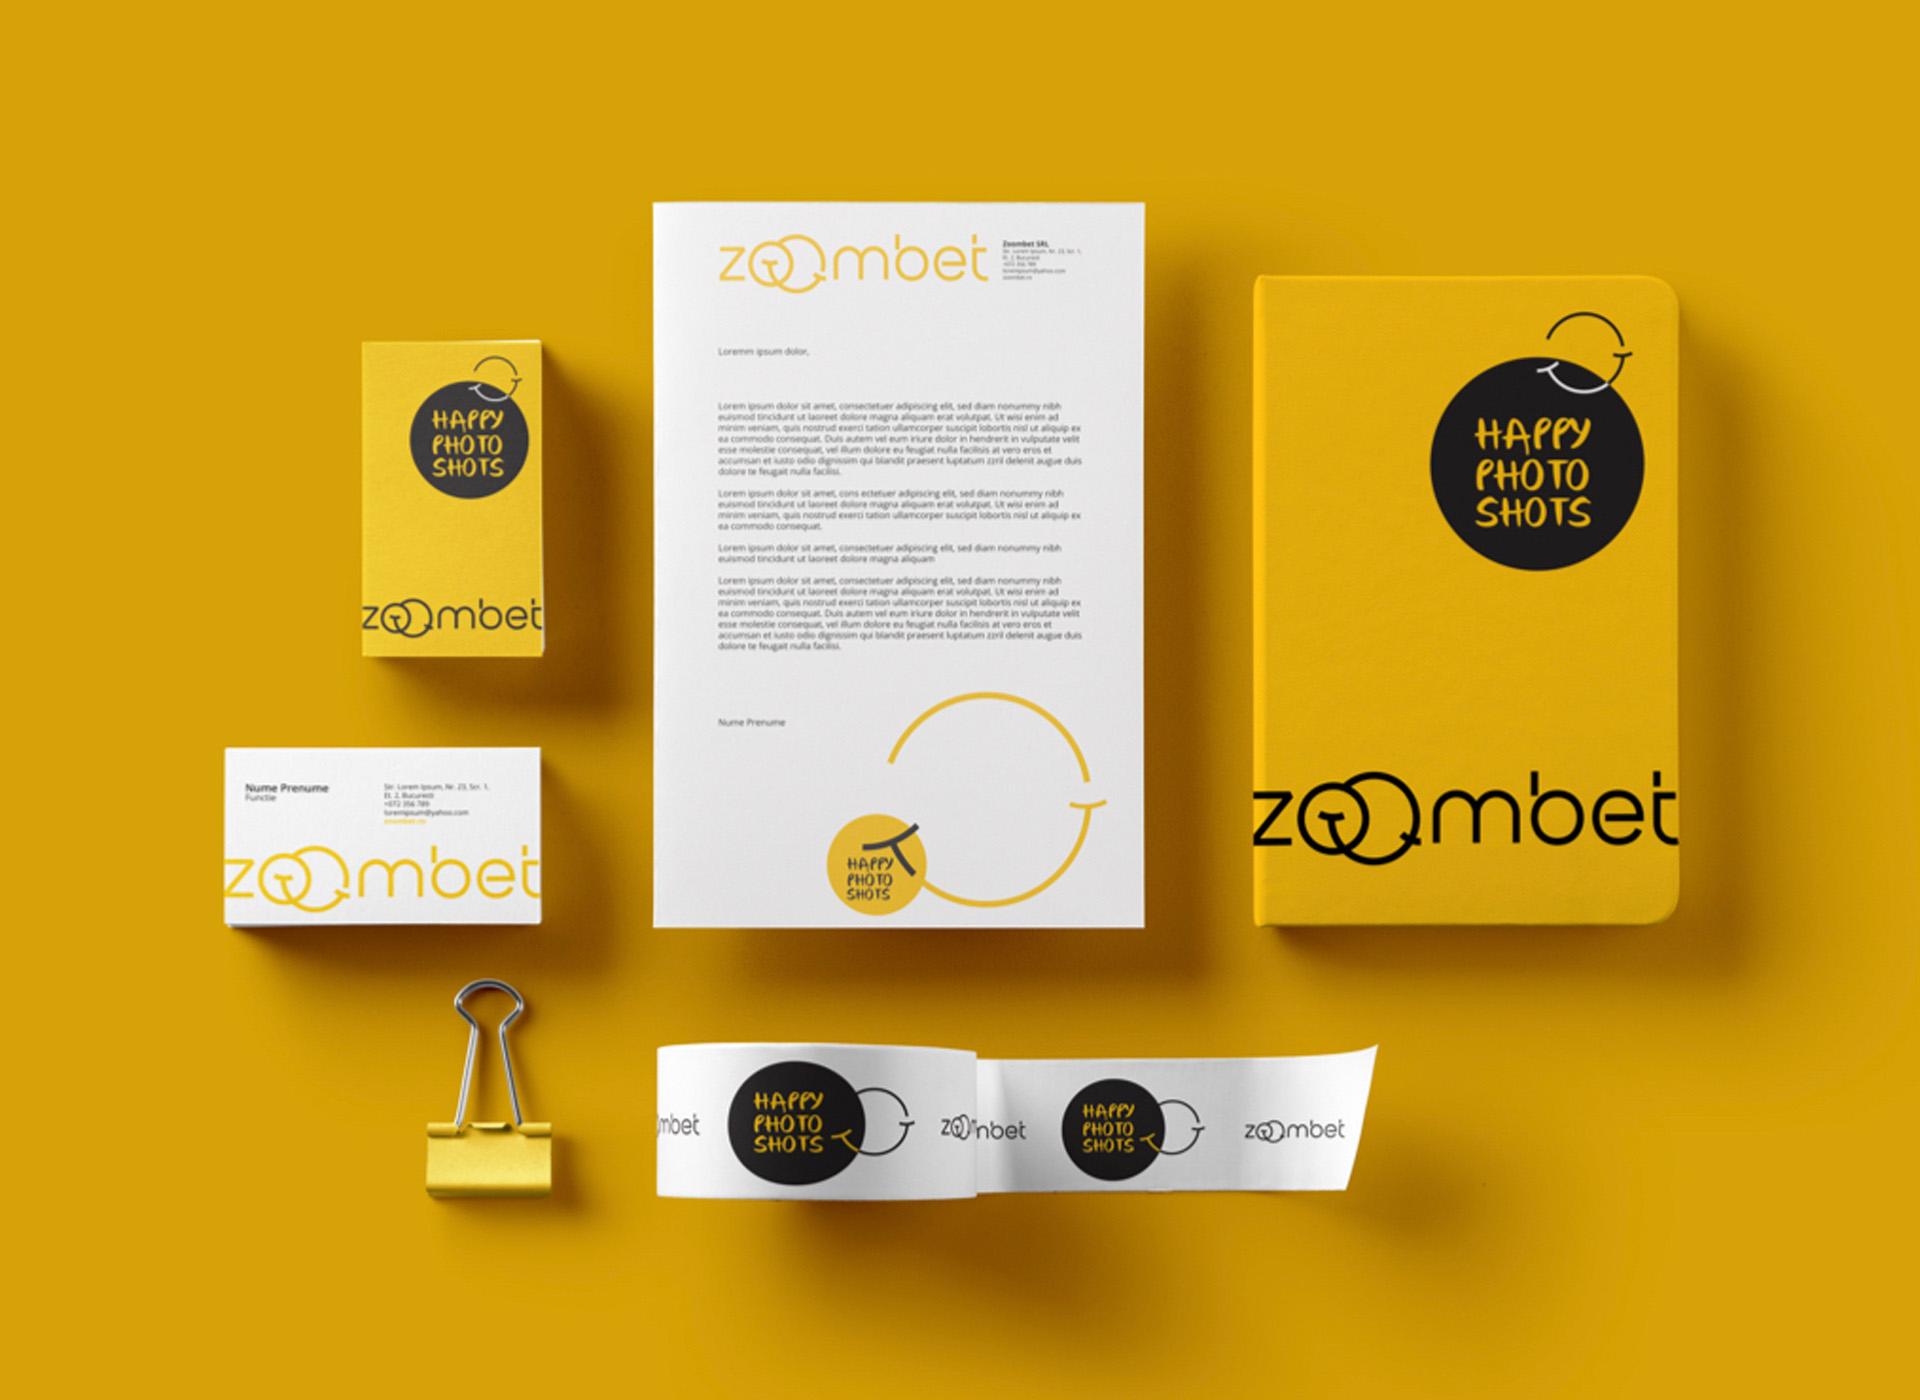 zoombet portfolio design by inoveo